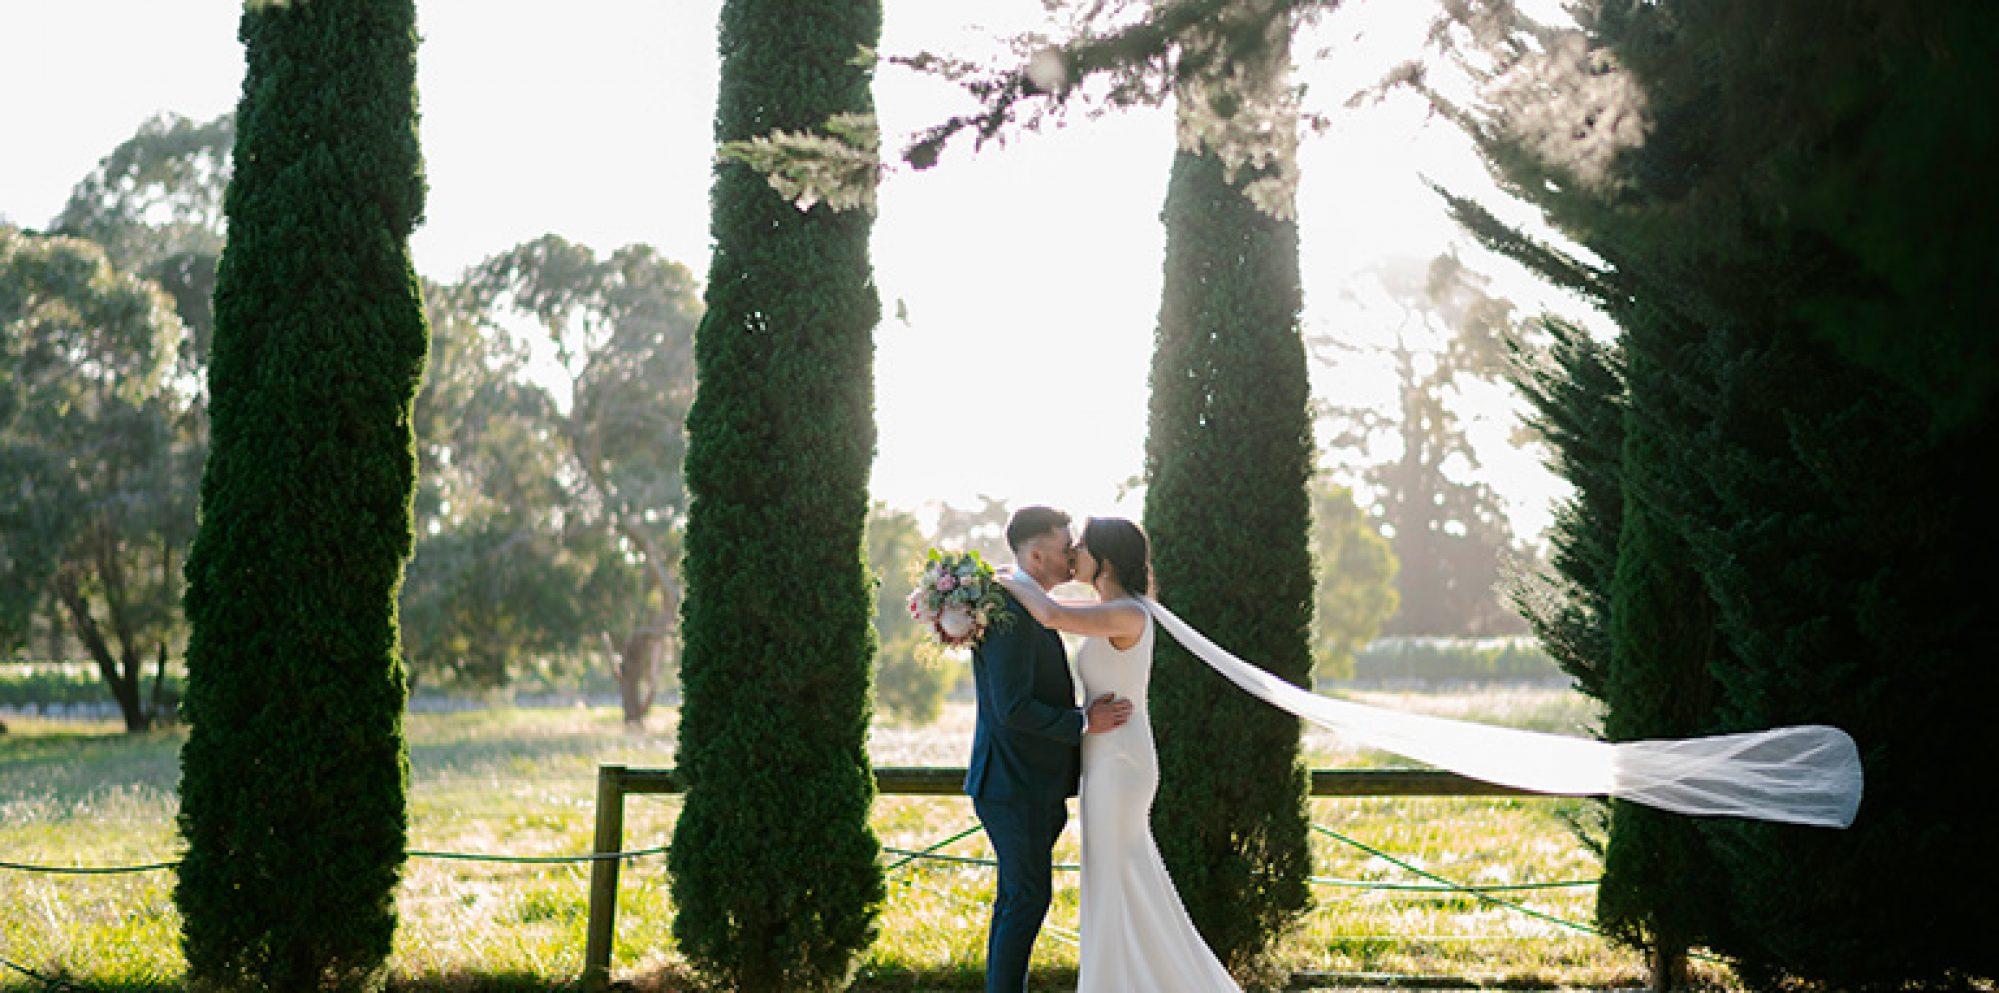 Sarah & jacob wedding photography @ barn & co